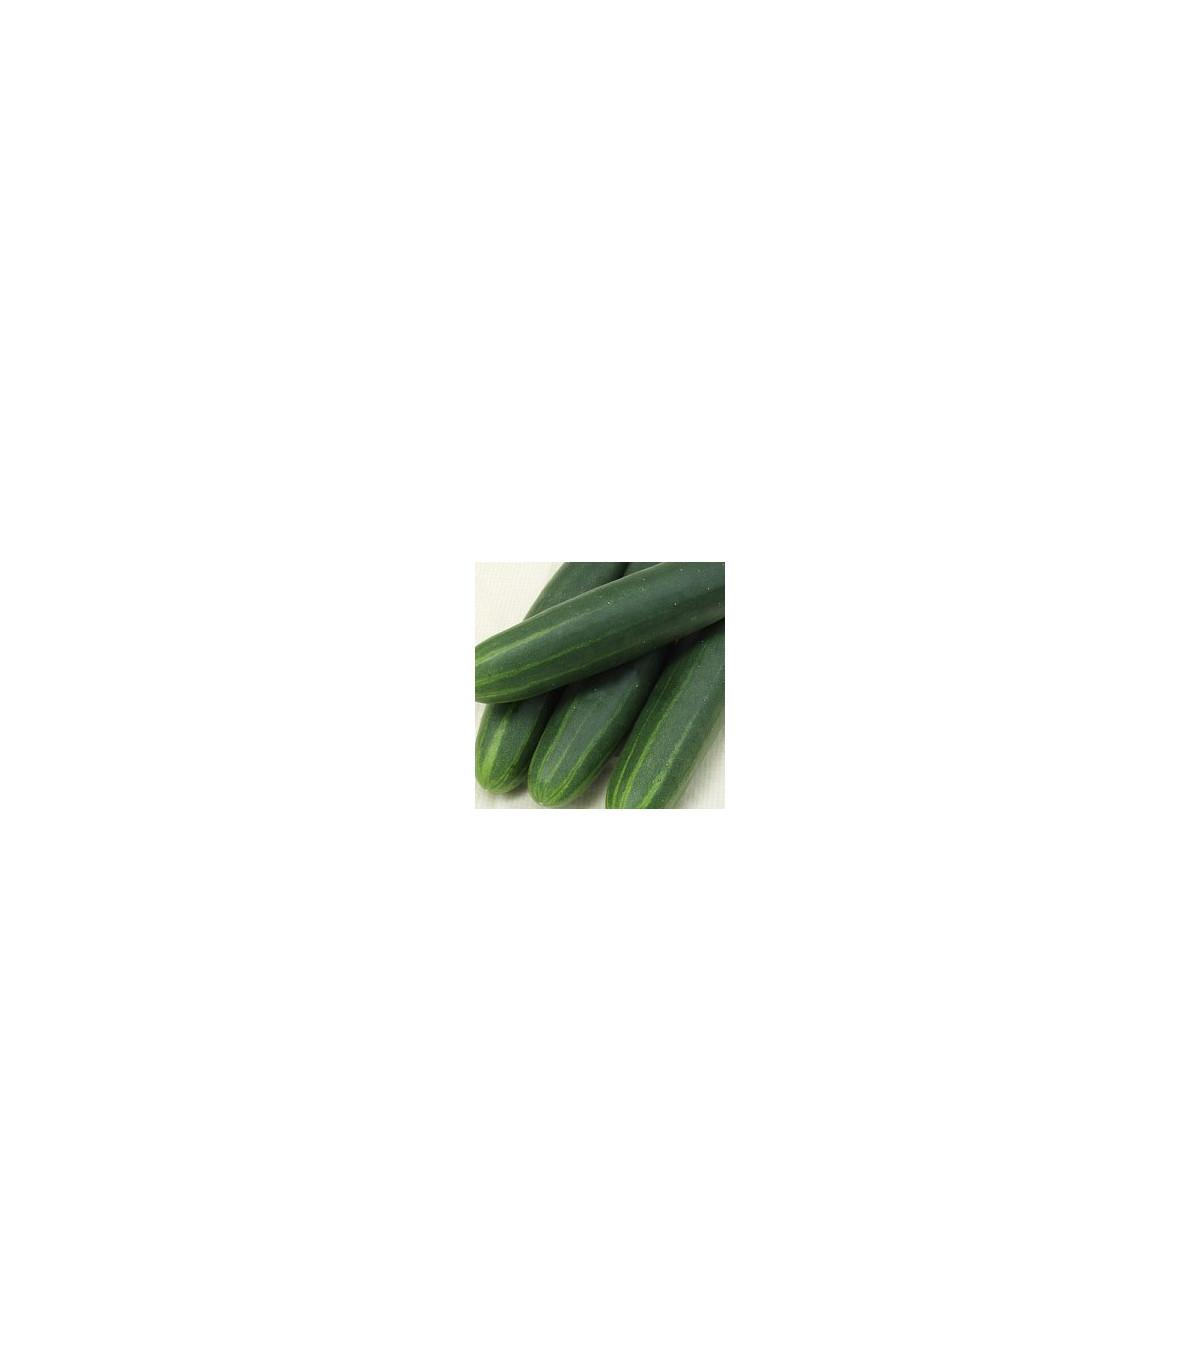 Uhorka šalátová Sonja - semená - 0,5 g - Cucumis sativus